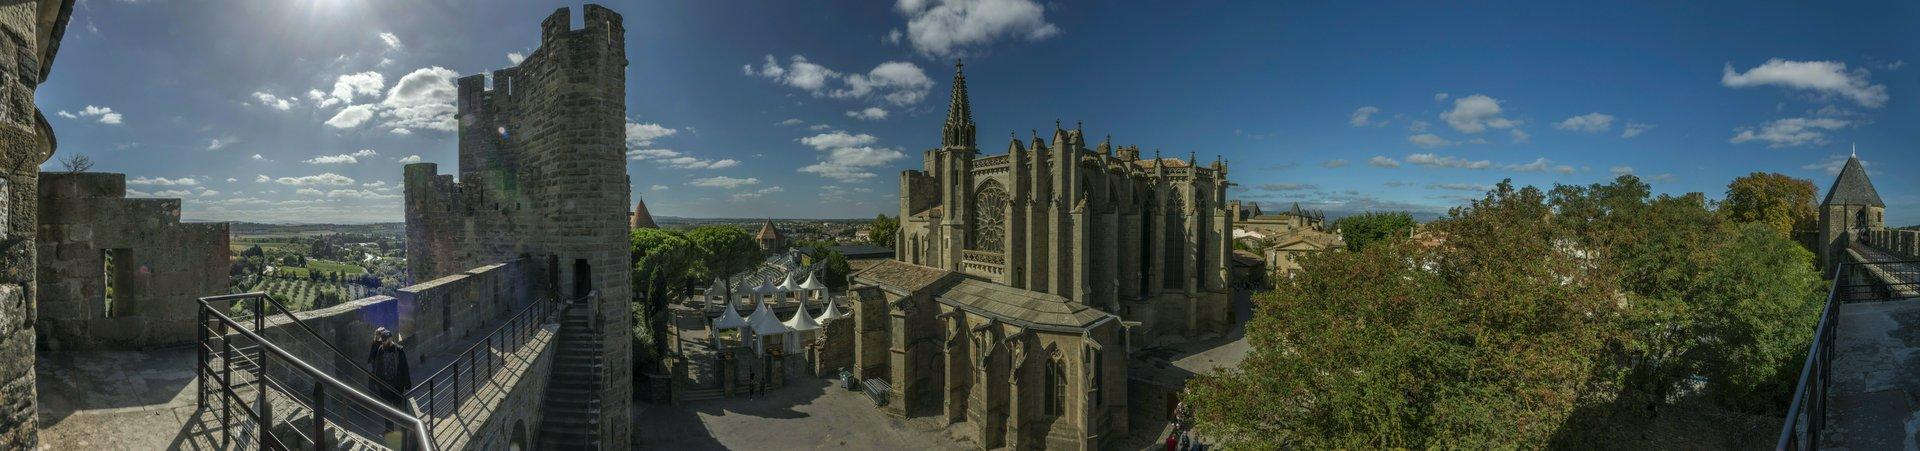 Panorama mit der Basilique Saint-Nazaire in der Cité Carcassonne